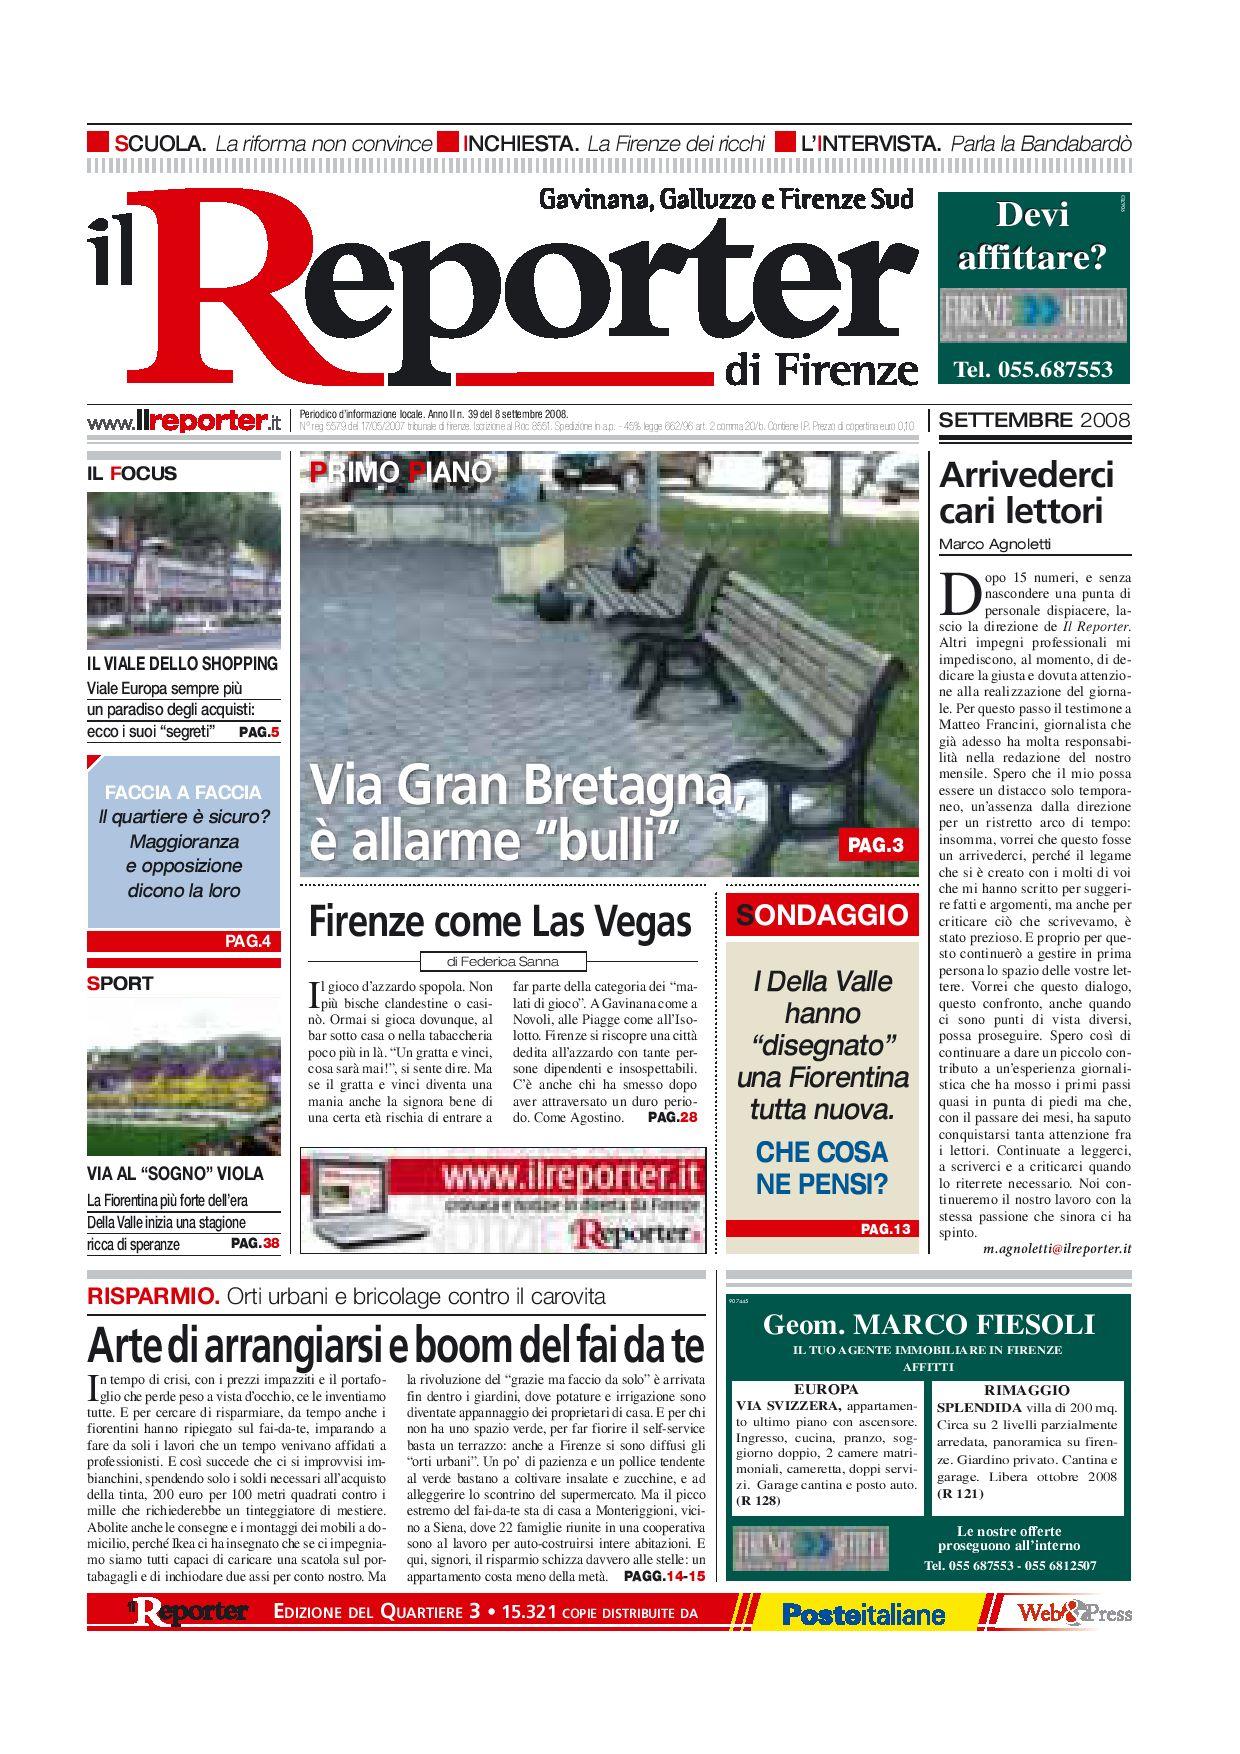 Il Reporter - Quartiere 3 - settembre 08 by ilreporter - issuu 01e16295e01